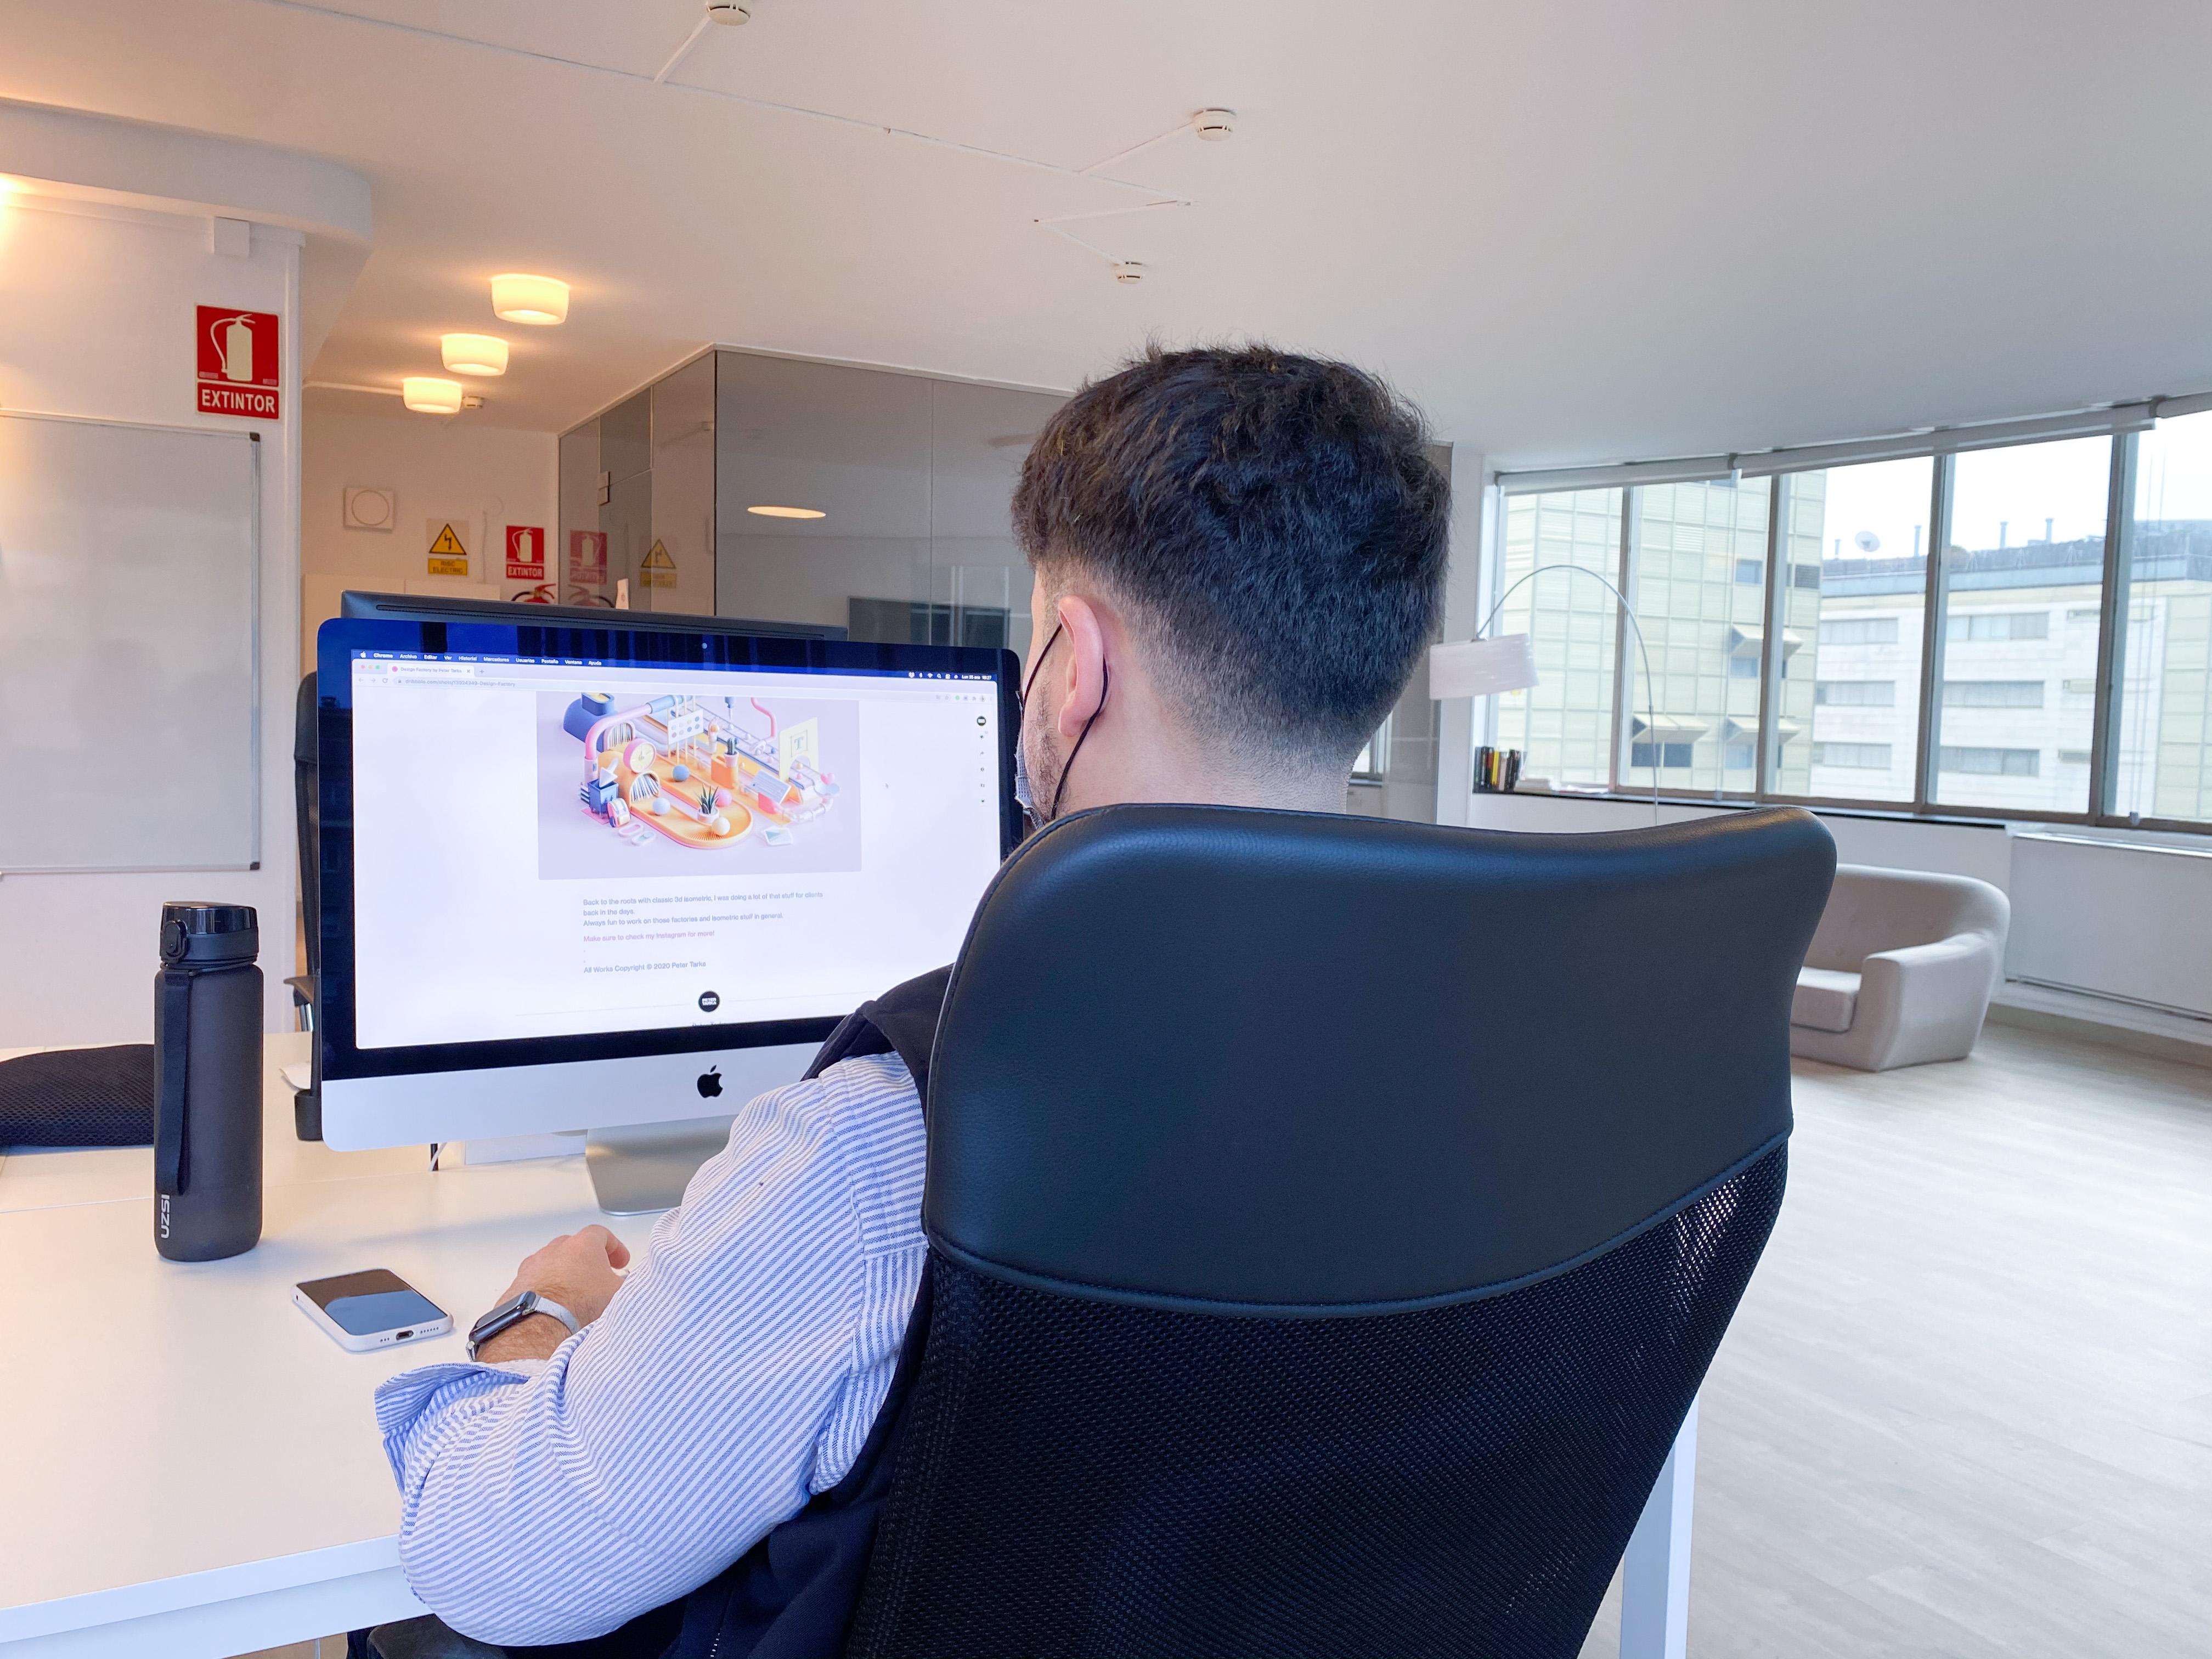 Eunoia Digital - 5 Tendencias de Diseño UX/UI para 2021